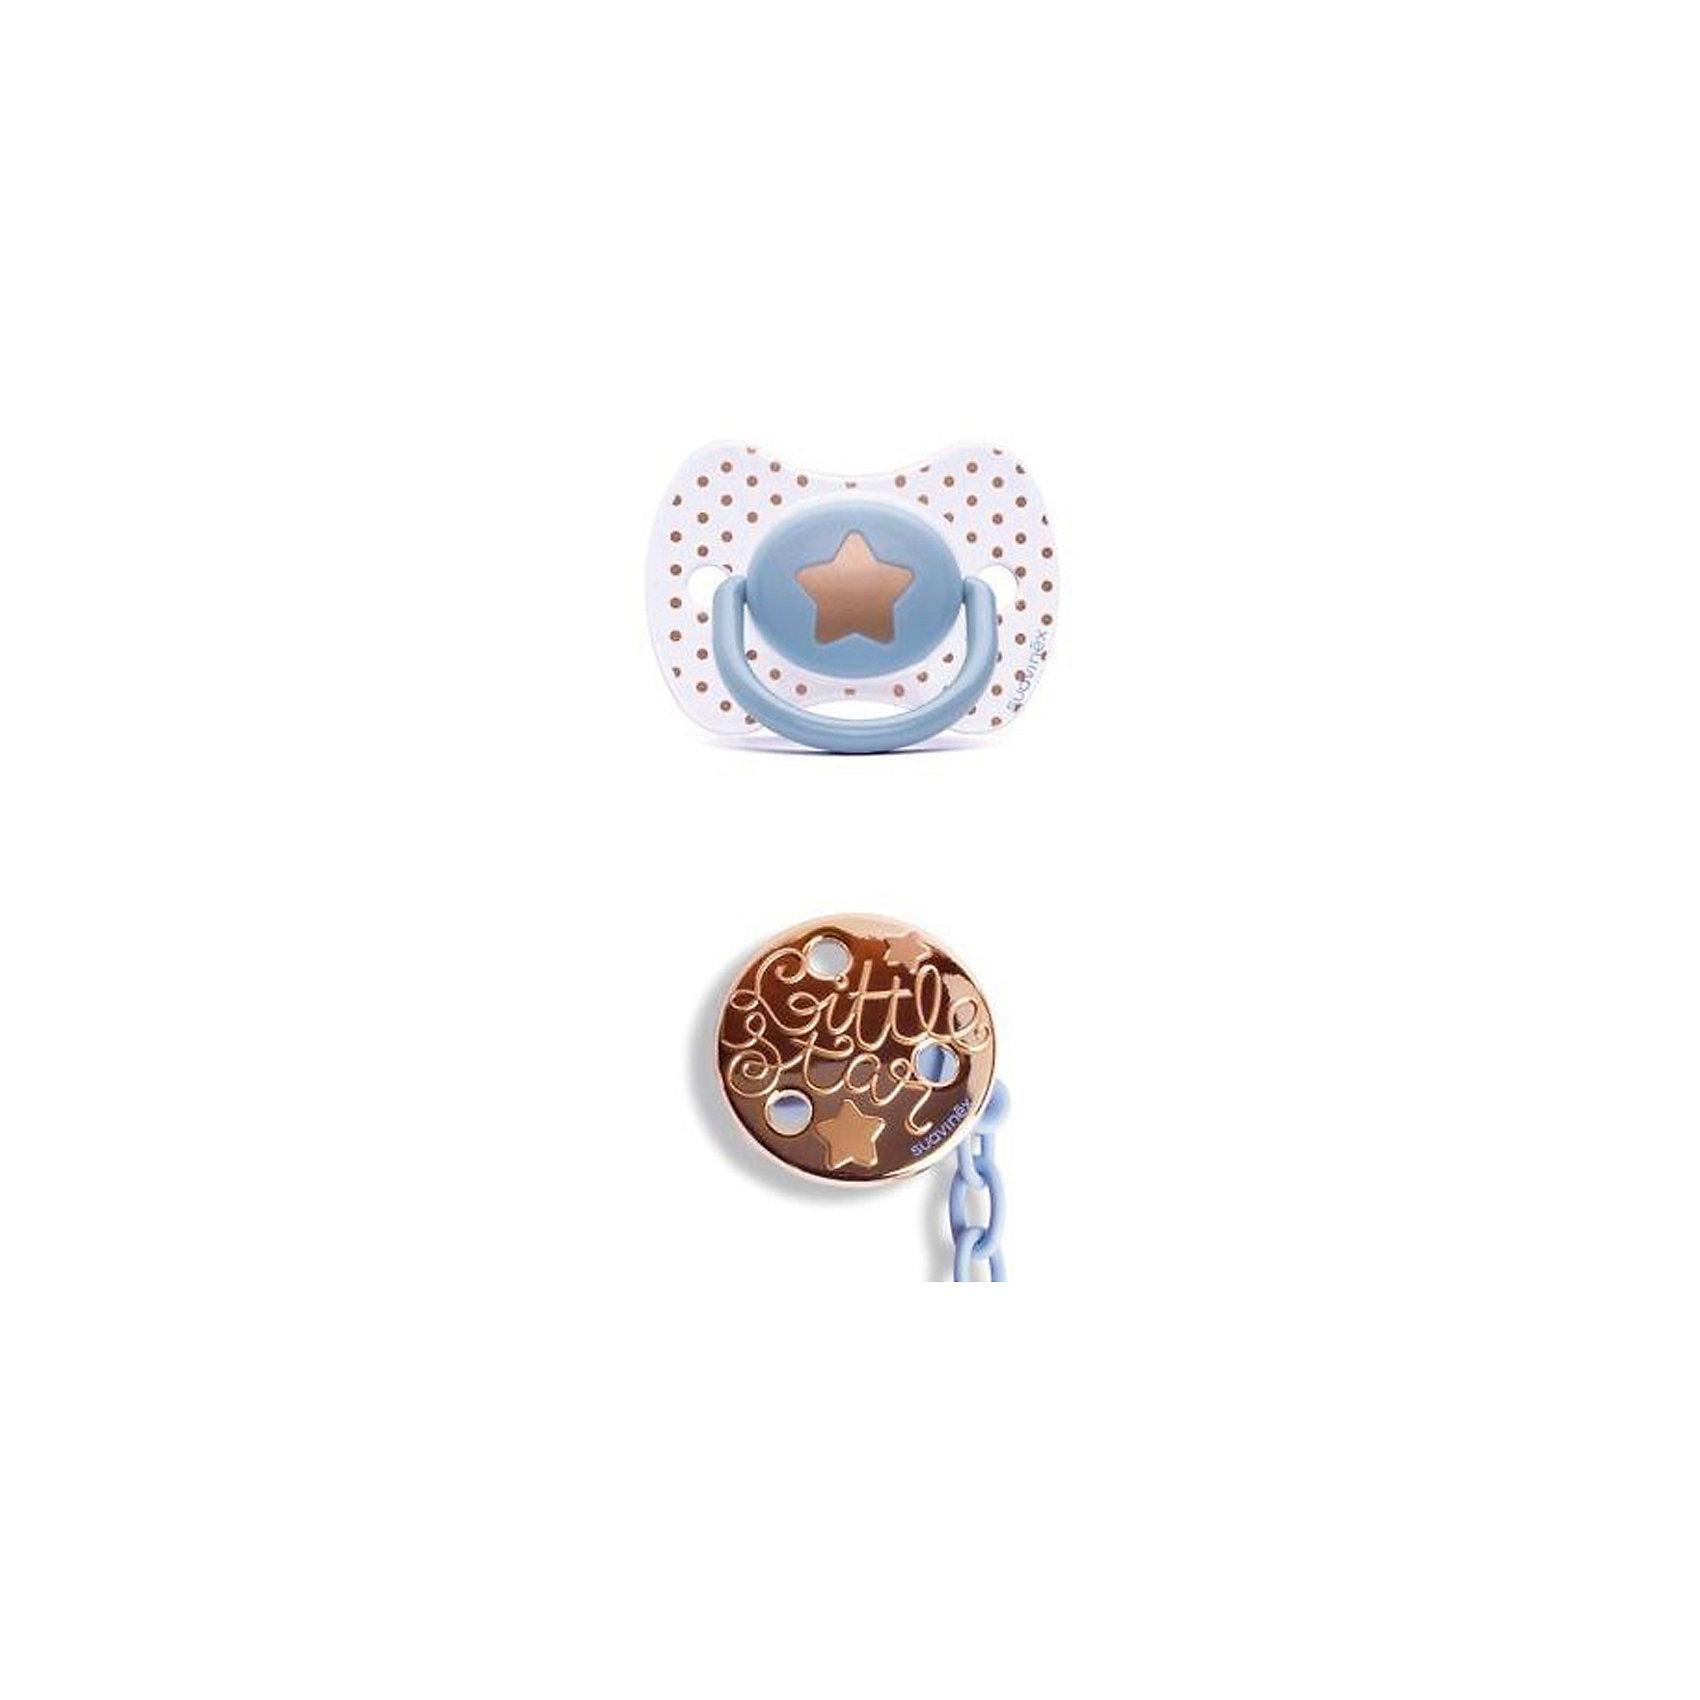 Набор пустышка+держатель от 4 мес Haute Couture, Suavinex, голубой звездаПустышки и аксессуары<br>Характеристики:<br><br>• Наименование: пустышка и держатель<br>• Рекомендуемый возраст: от 4 месяцев<br>• Пол: для мальчика<br>• Материал: силикон, пластик<br>• Цвет: голубой, белый, золотистый<br>• Рисунок: звезда, горошинки<br>• Форма пустышки: физиологическая<br>• Наличие вентиляционных отверстий <br>• Кольцо для держателя<br>• Комплектация: пустышка, держатель для пустышки<br>• С эффектом позолоты<br>• Вес: 62 г<br>• Параметры (Д*Ш*В): 6,1*6,1*16 см <br>• Особенности ухода: можно мыть в теплой воде, регулярная стерилизация <br><br>Набор пустышка+держатель от 4 мес Haute Couture, Suavinex, голубой звезда изготовлен испанским торговым брендом, специализирующимся на выпуске товаров для кормления и аксессуаров новорожденным и младенцам. Продукция от Suavinex разработана с учетом рекомендаций педиатров и стоматологов, что гарантирует качество и безопасность использованных материалов. <br><br>Пластик, из которого изготовлено изделие, устойчив к появлению царапин и сколов, благодаря чему пустышка длительное время сохраняет свои гигиенические свойства. Форма у соски способствует равномерному распределению давления на небо, что обеспечивает правильное формирование речевого аппарата. <br><br>Пустышка имеет классическую форму, для прикрепления держателя предусмотрено кольцо. В наборе предусмотрен держатель для пустышки, выполненный в виде цепочки на круглой прищепке. Набор выполнен в брендовом дизайне, с изображением звезды и горошинок. Рисунок с эффектом позолоты нанесен по инновационной технологии, которая обеспечивает стойкость рисунка даже при длительном использовании и частой стерилизации.<br><br>Набор пустышка+держатель от 4 мес Haute Couture, Suavinex, голубой звезда можно купить в нашем интернет-магазине.<br><br>Ширина мм: 61<br>Глубина мм: 61<br>Высота мм: 160<br>Вес г: 62<br>Возраст от месяцев: 4<br>Возраст до месяцев: 24<br>Пол: Мужской<br>Возраст: Детский<br>SKU: 5